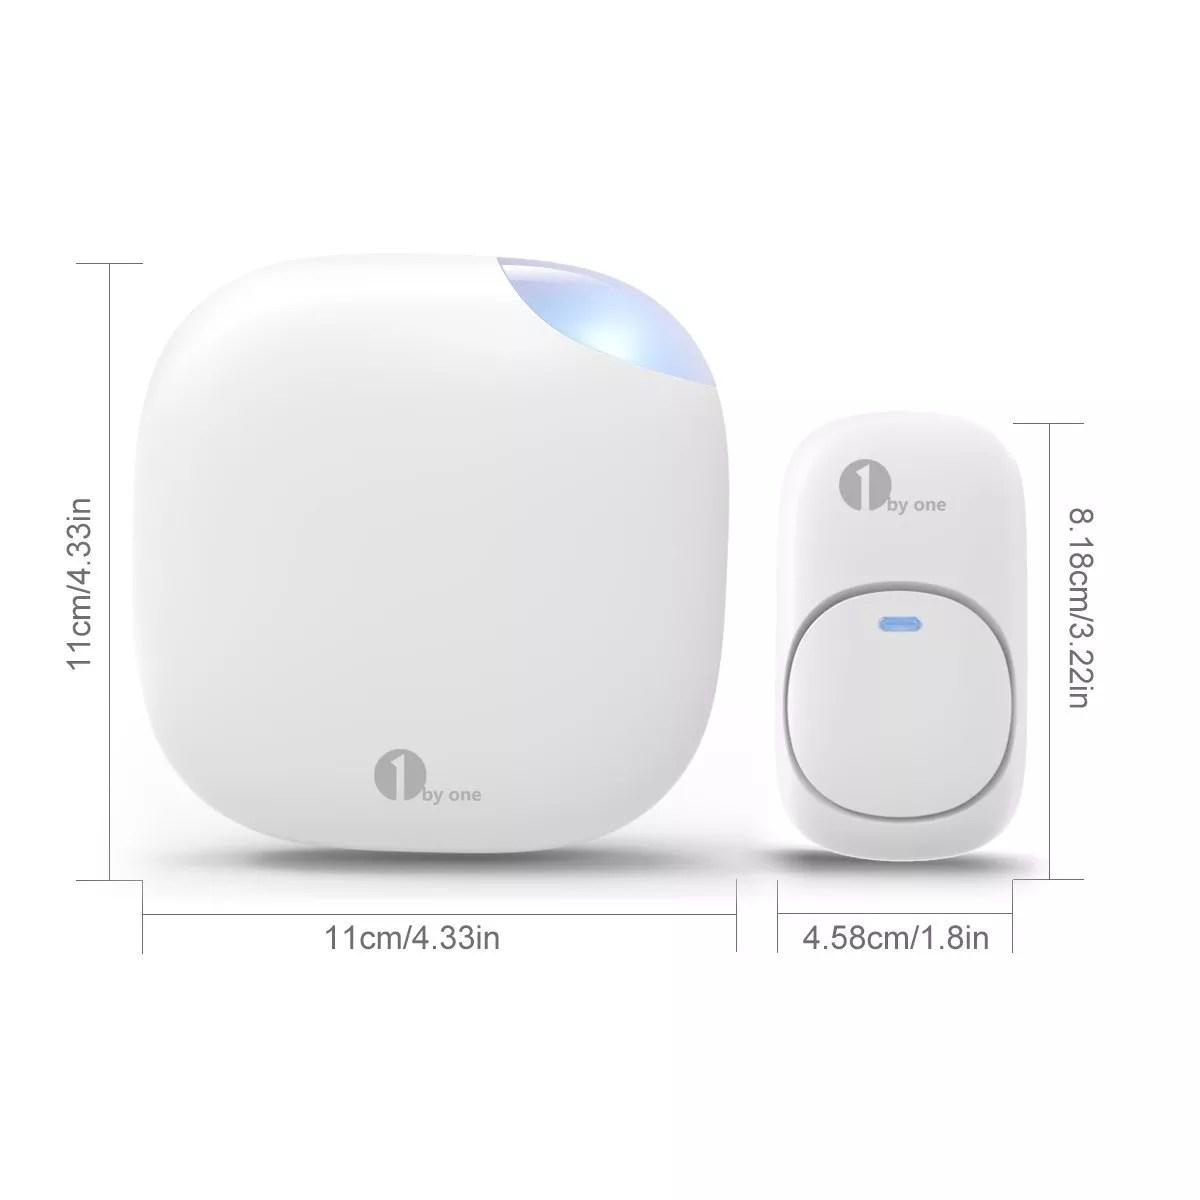 1byone wireless doorbell door chime kit home doorbell for 1 by one door chime